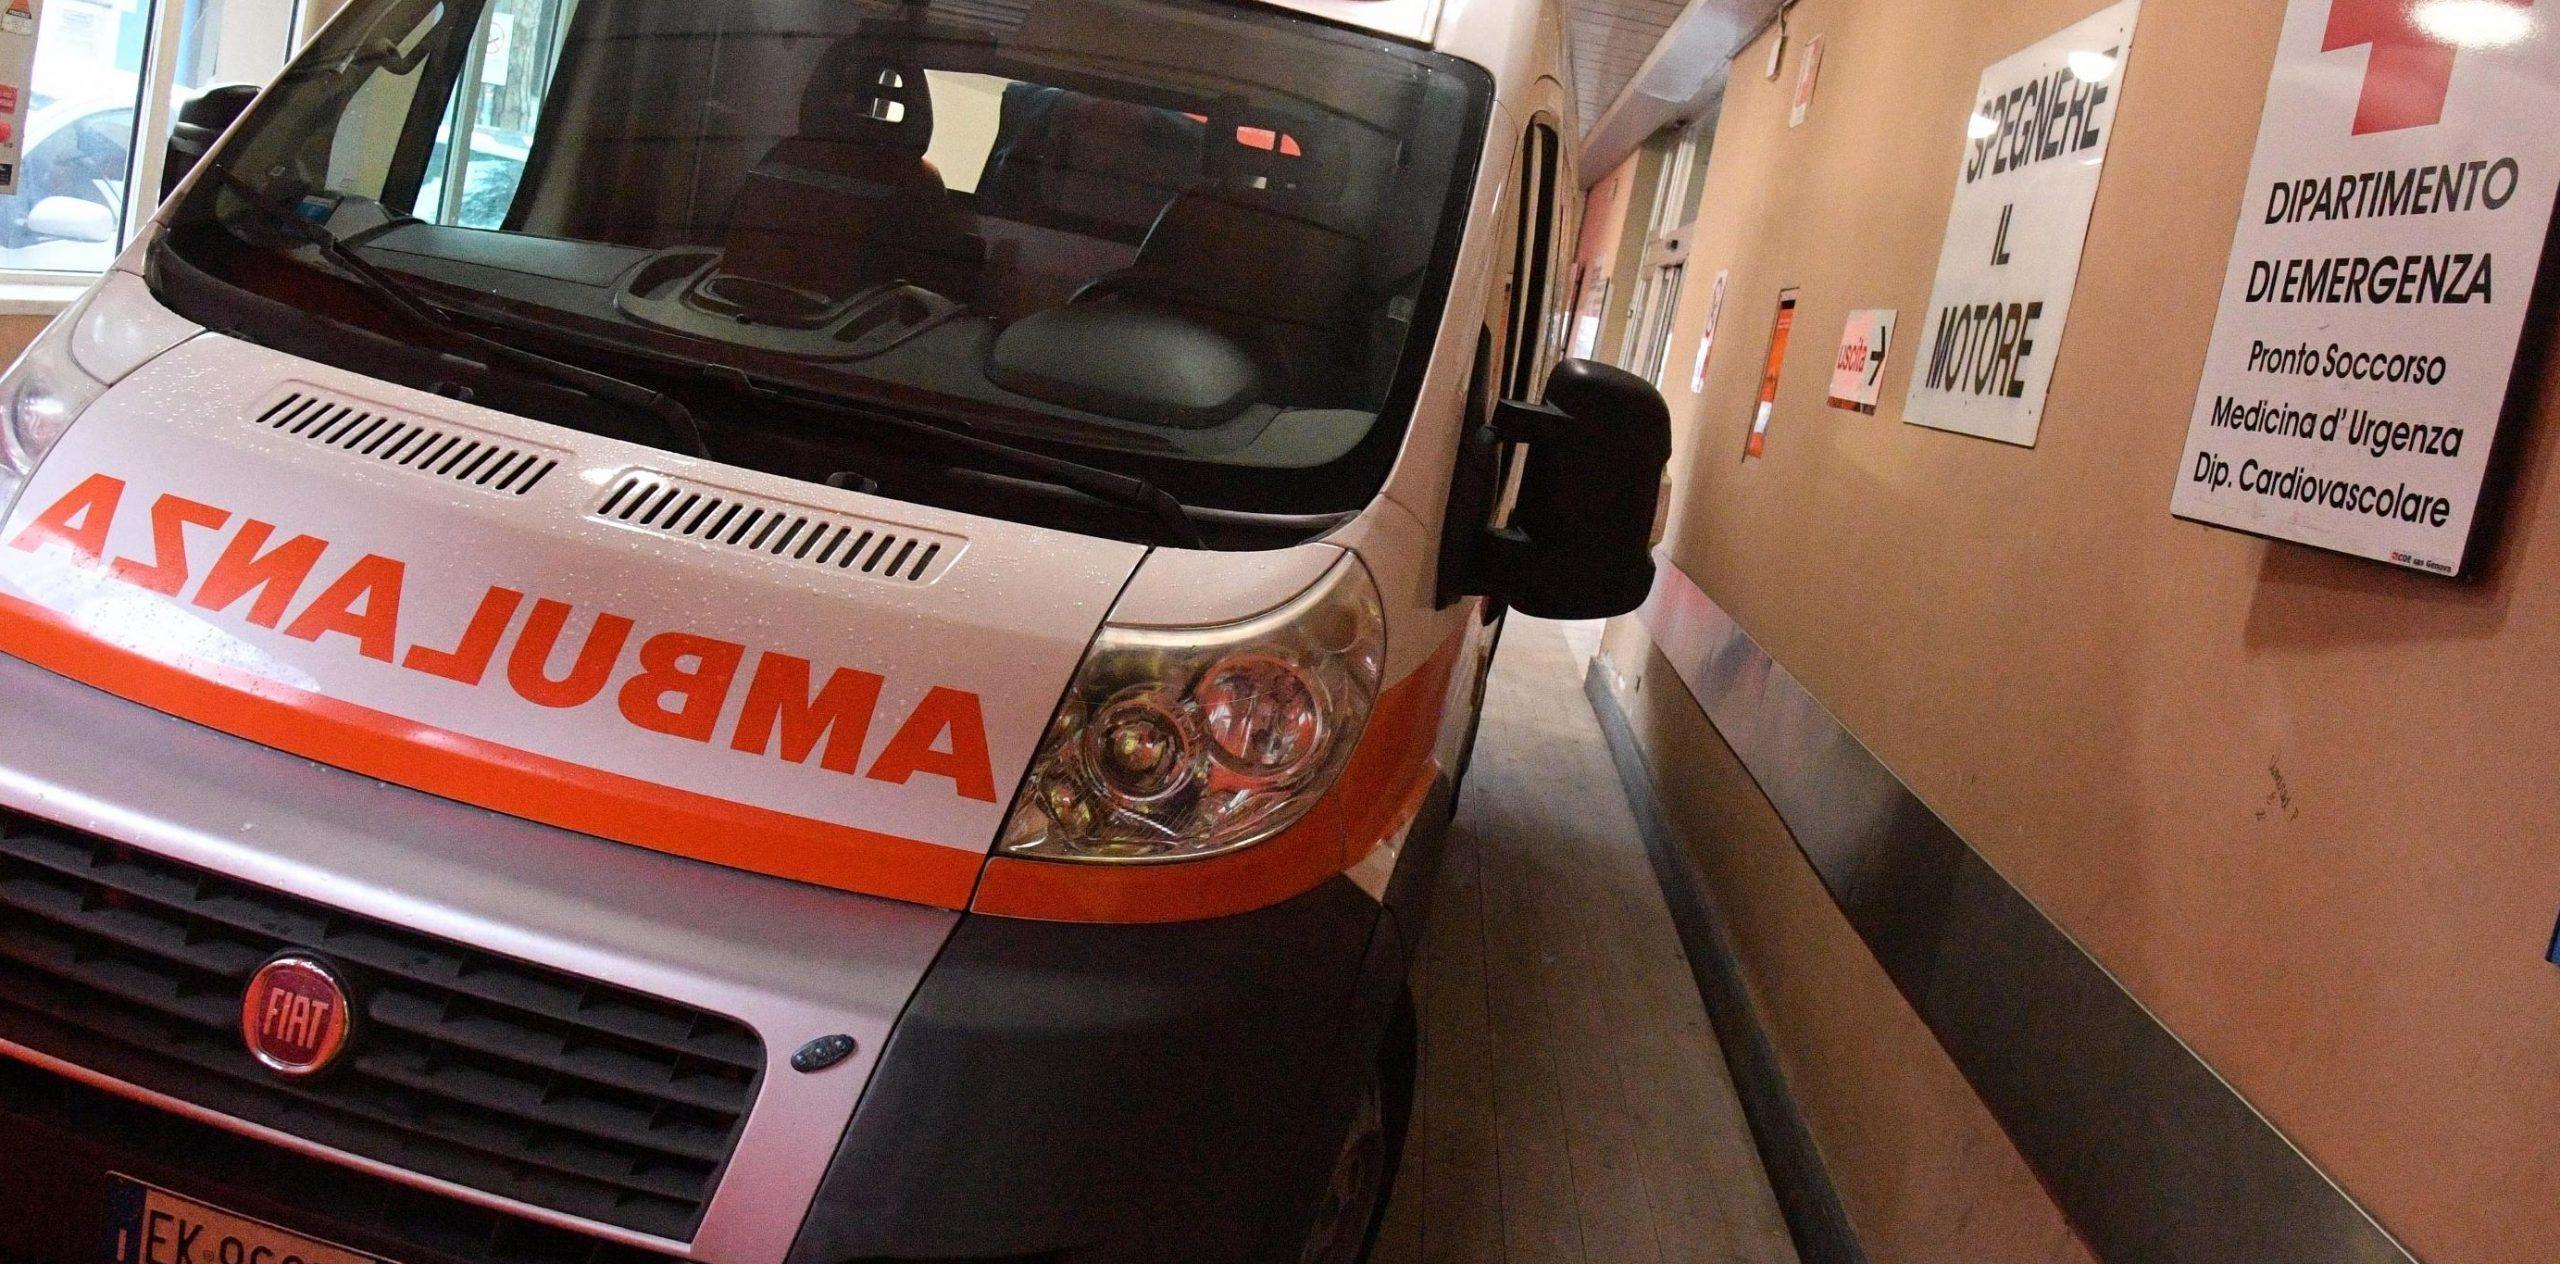 Anziano muore dissanguato, ferito dal bidet rotto